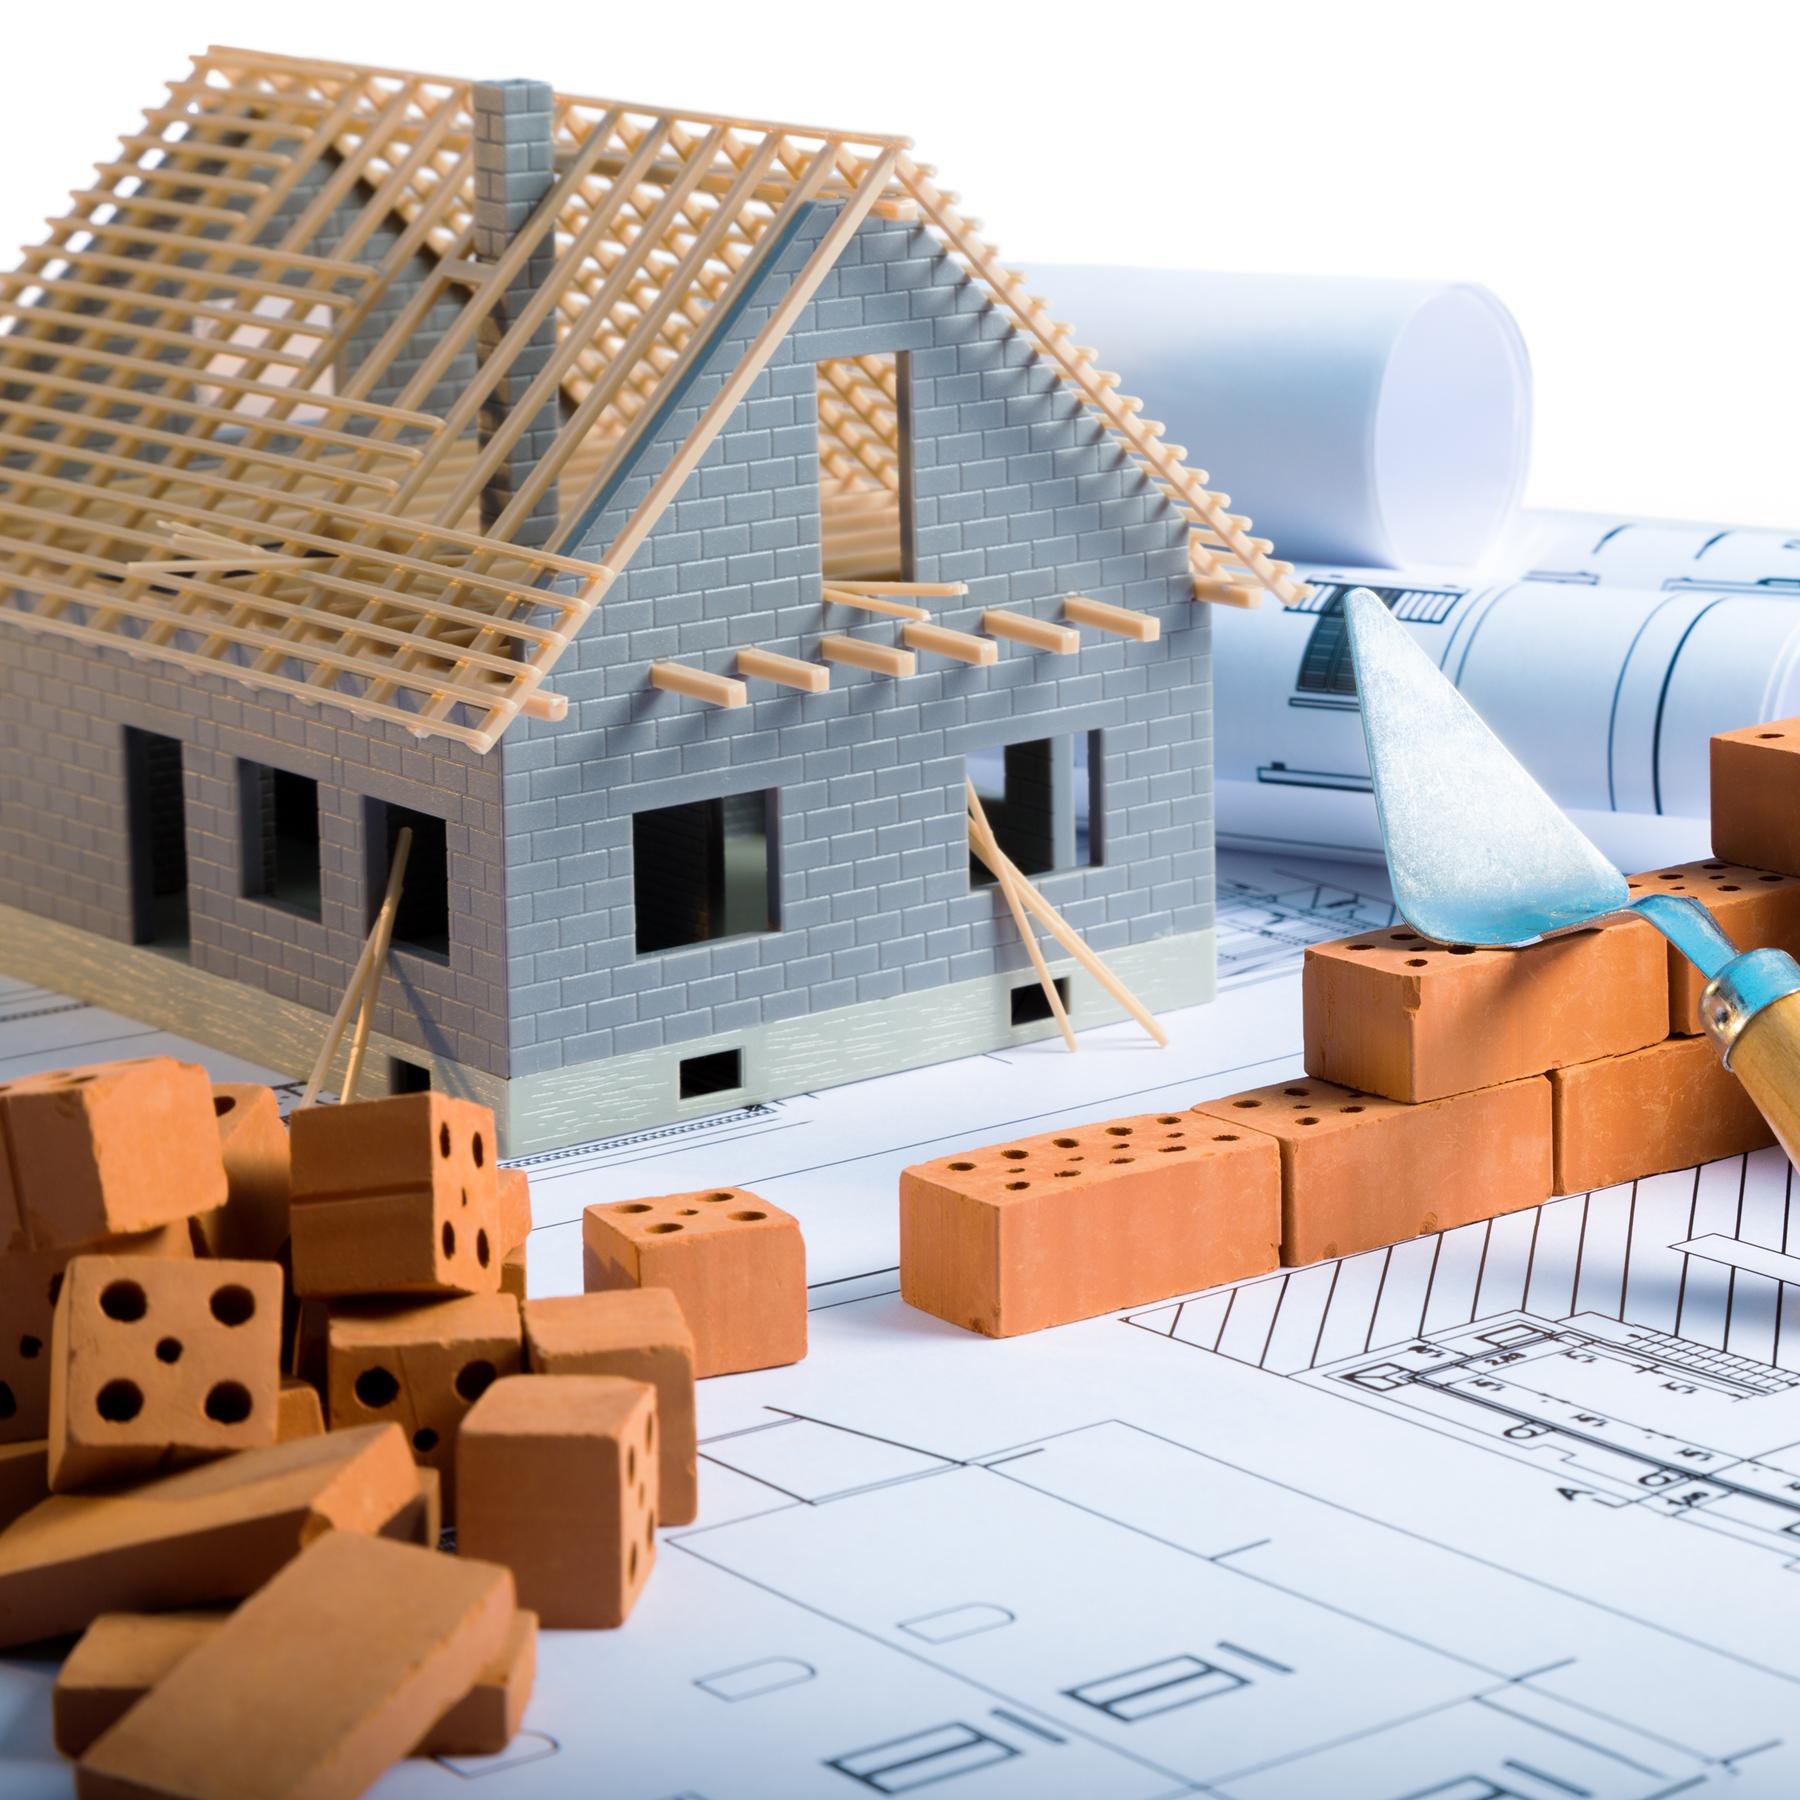 house model, bricks blueprints